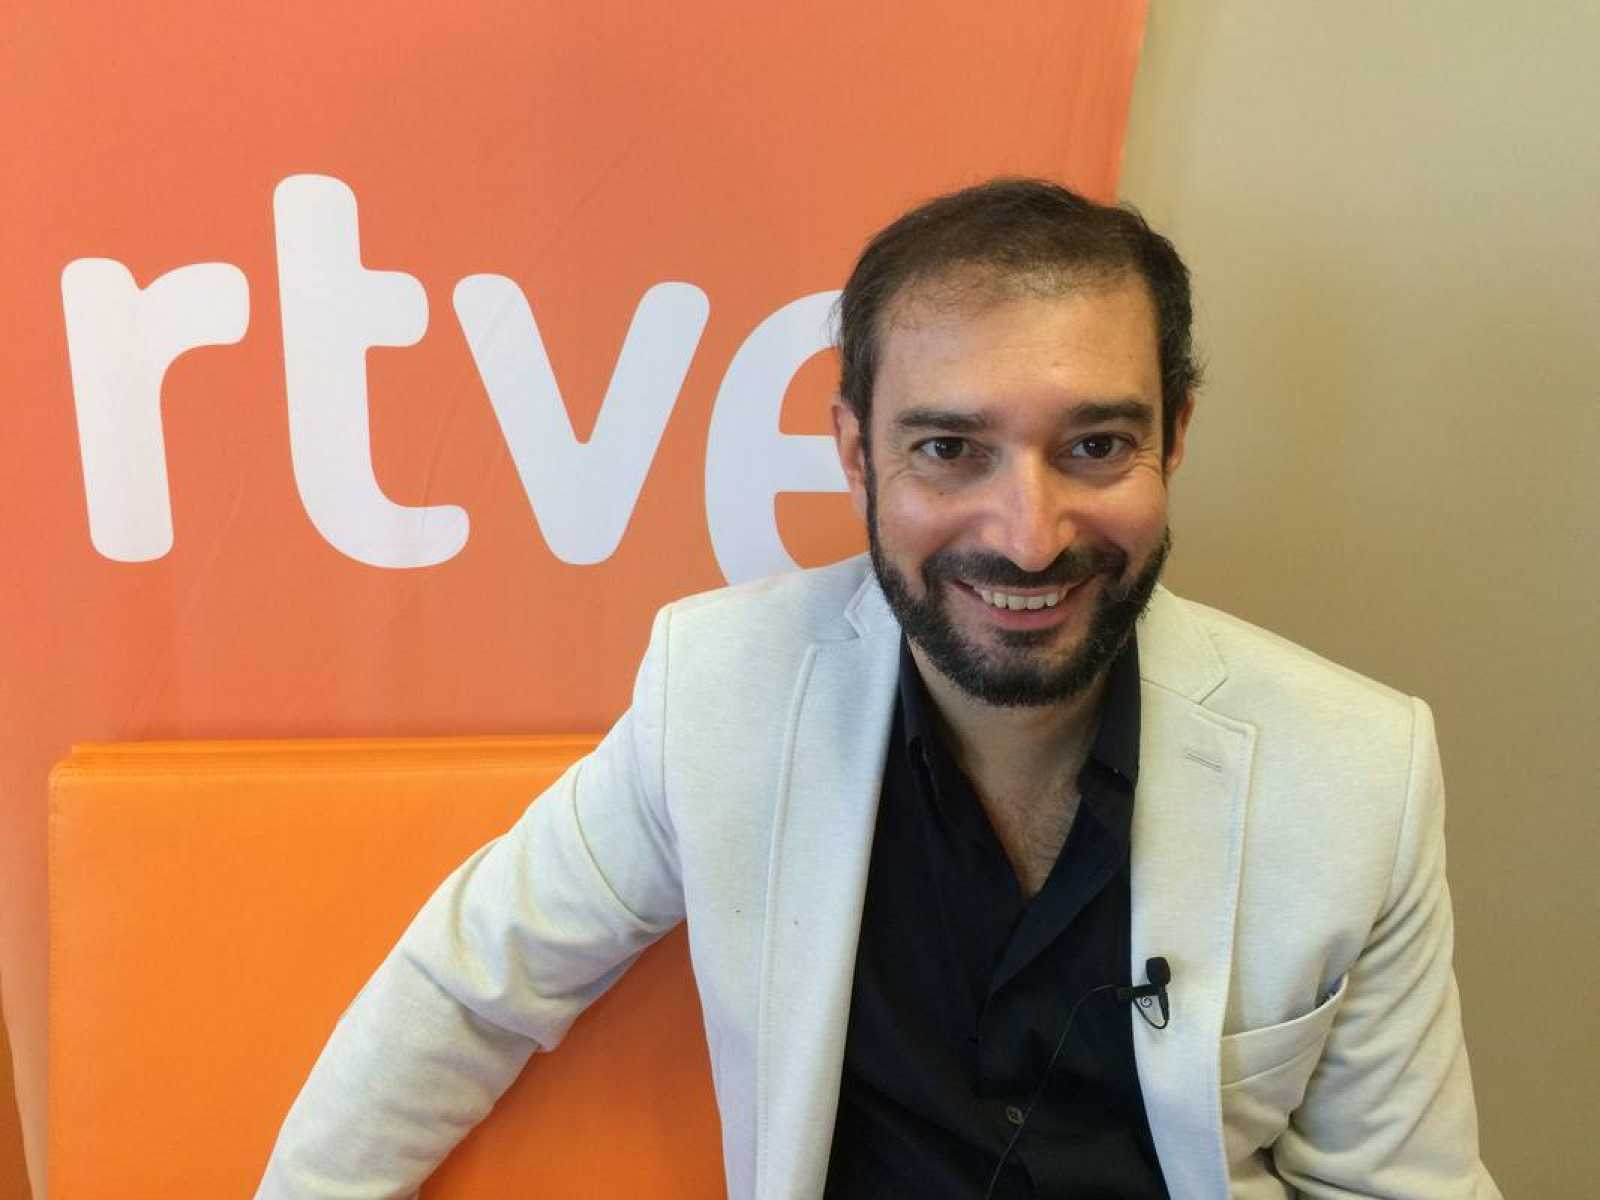 Pere Estupinyà, divulgador científico, ha estado con todos los seguidores de La 2 en un Facebook Live